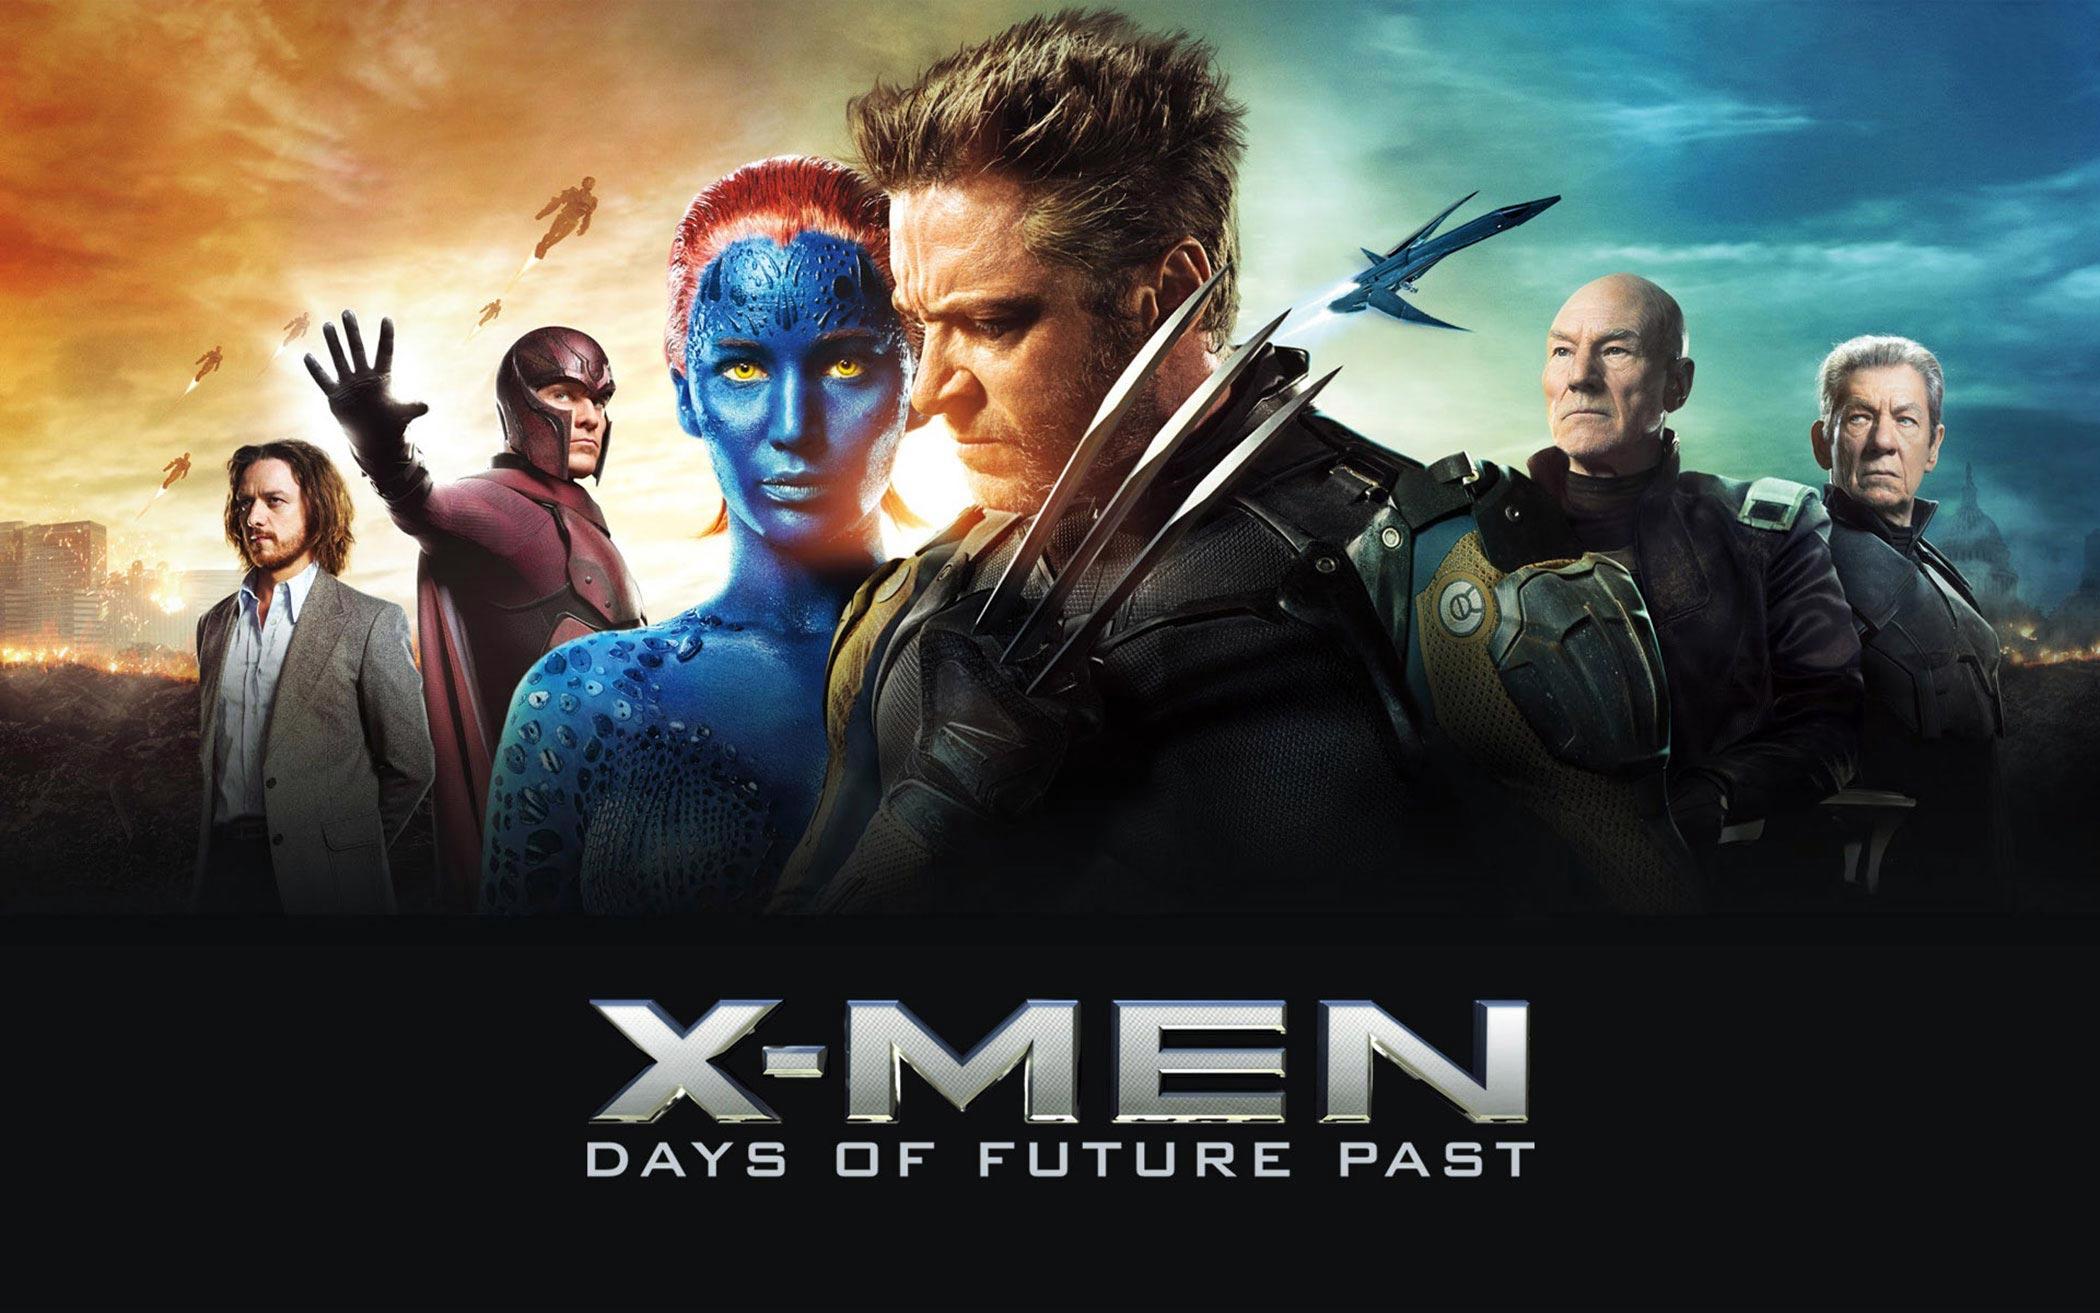 آخرین نسخه ی منتشر شده ی مردان ایکس X-Men : Apocalypse